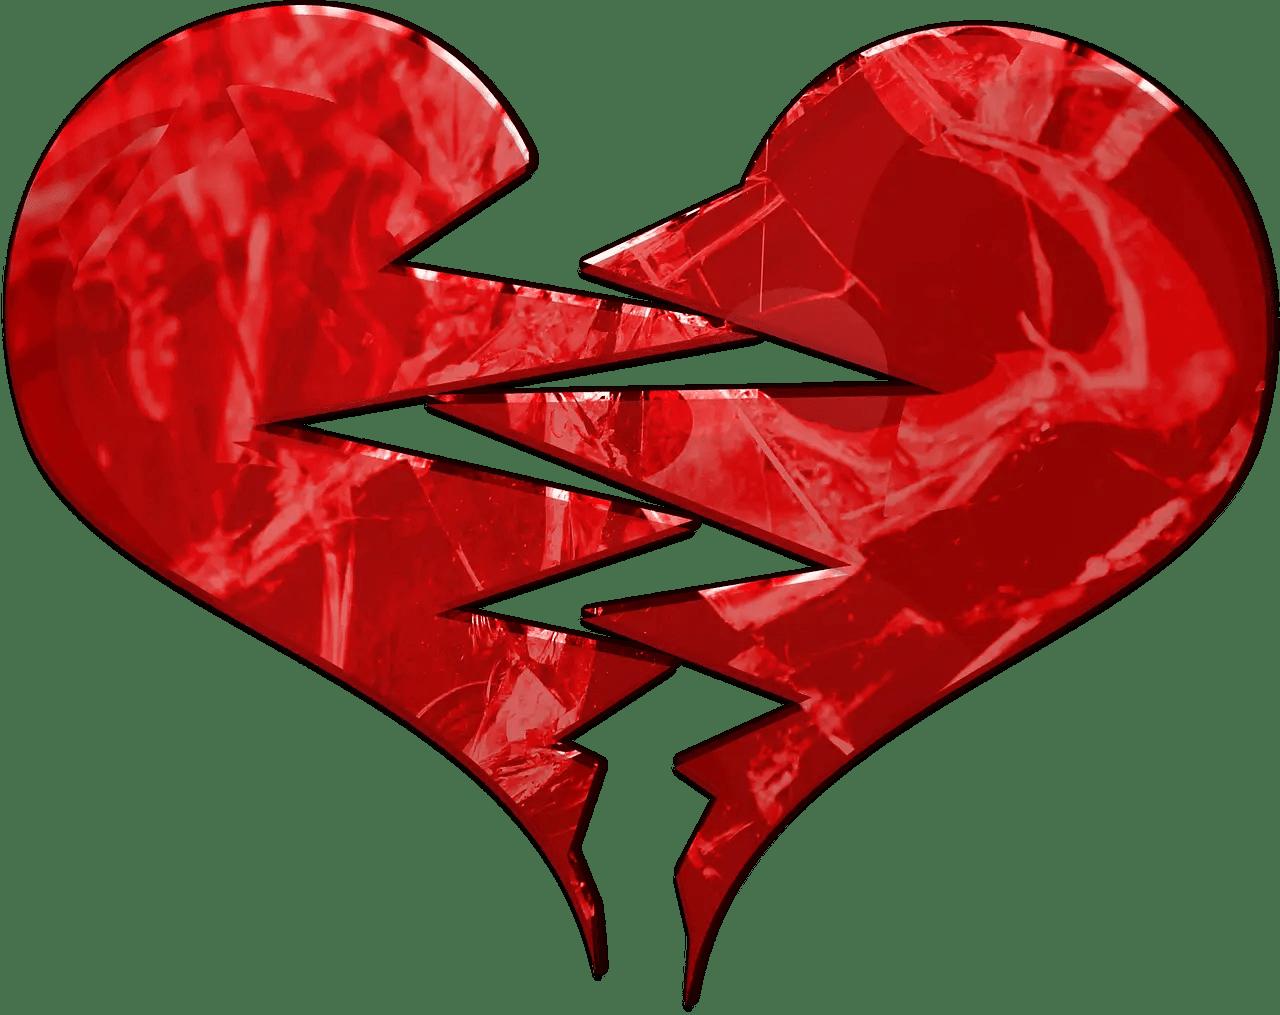 180 Heartbreak Quotes